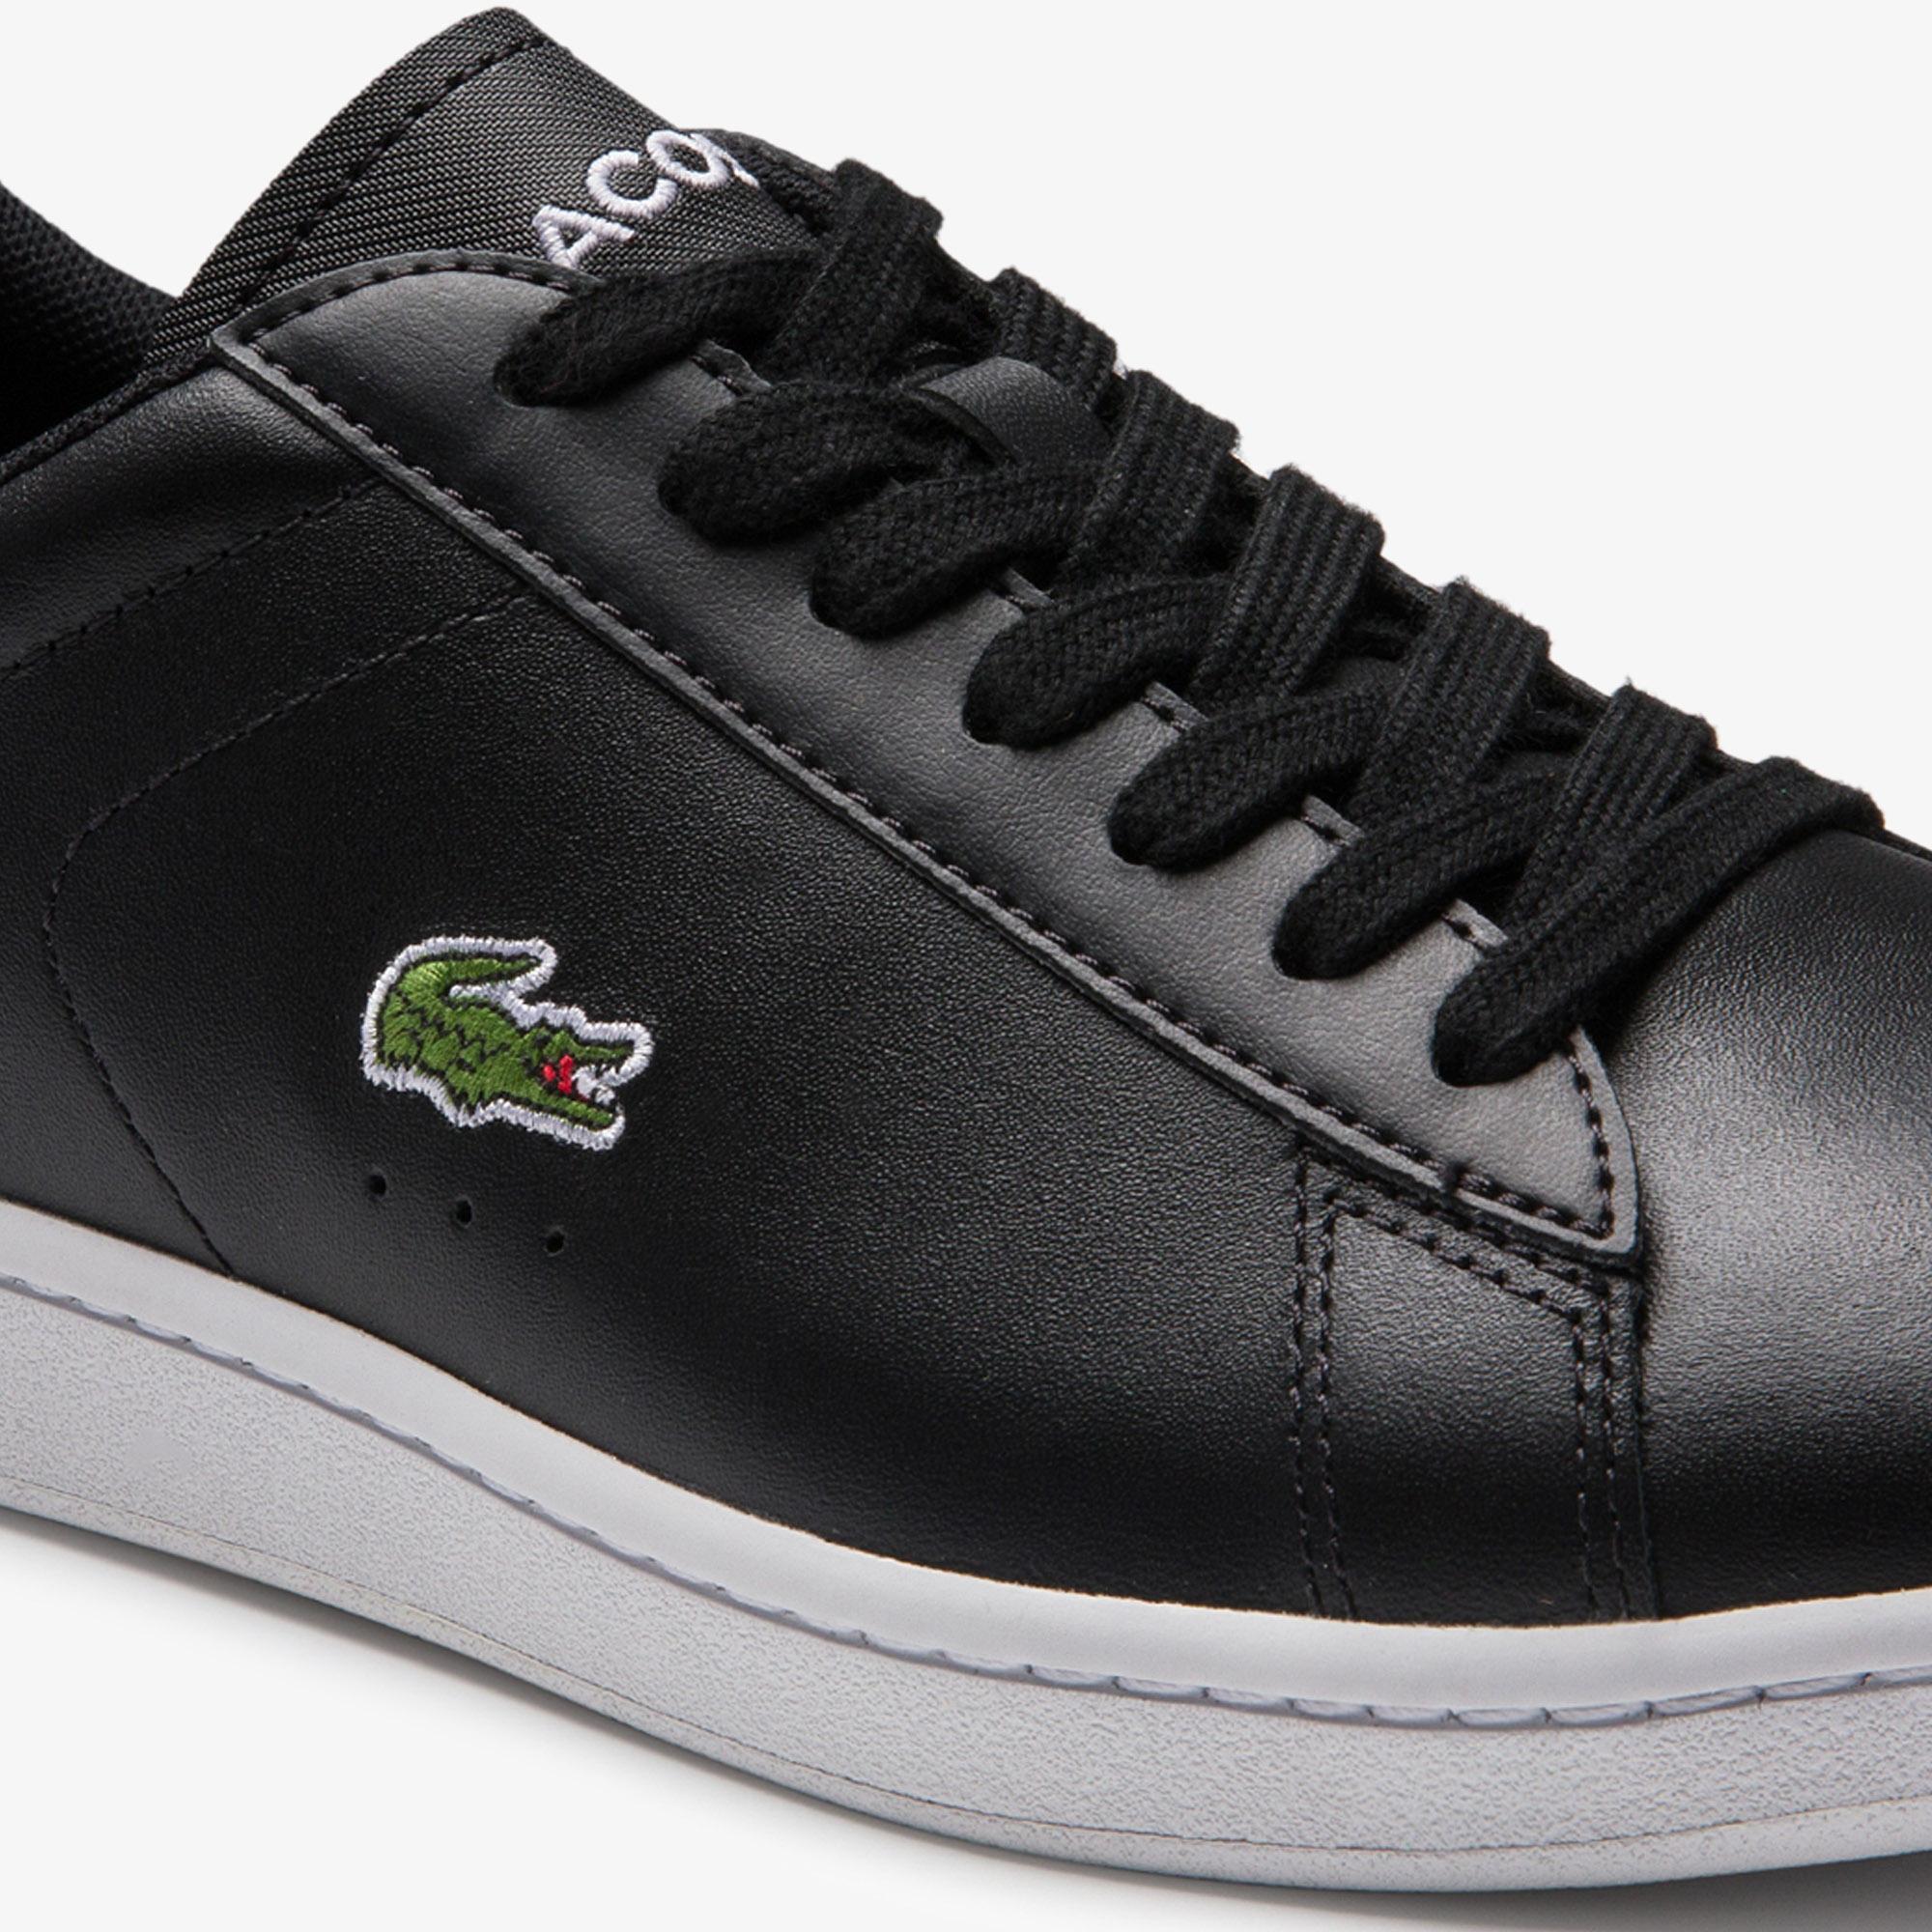 Lacoste Carnaby Evo 0120 5 Sfa Kadın Deri Siyah - Beyaz Sneaker